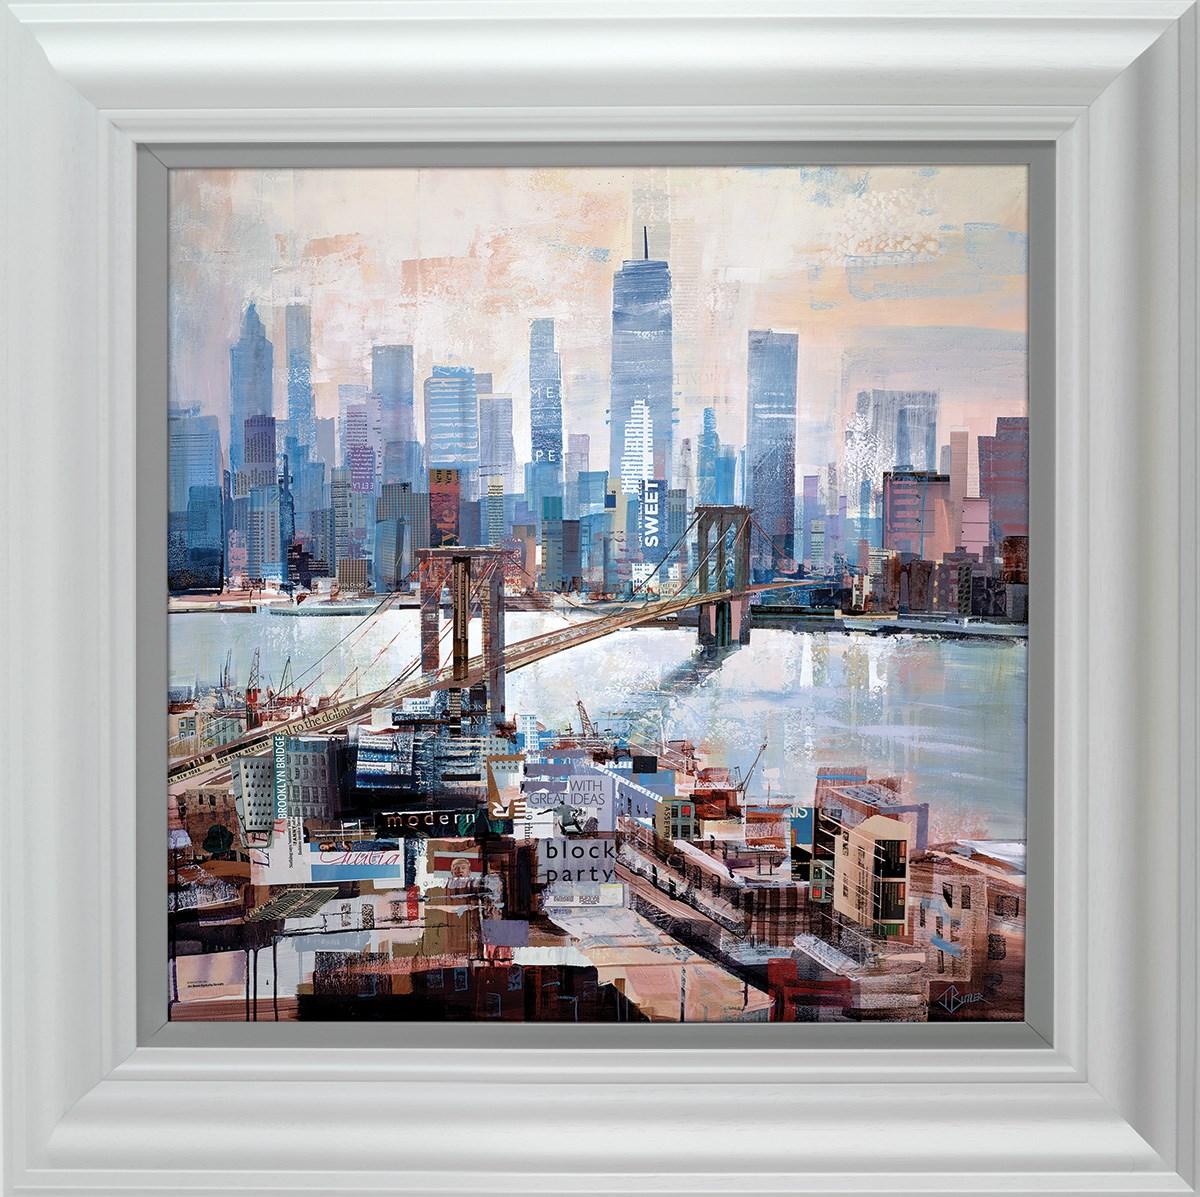 Big-City-Blues-Framed-Tom-Butler